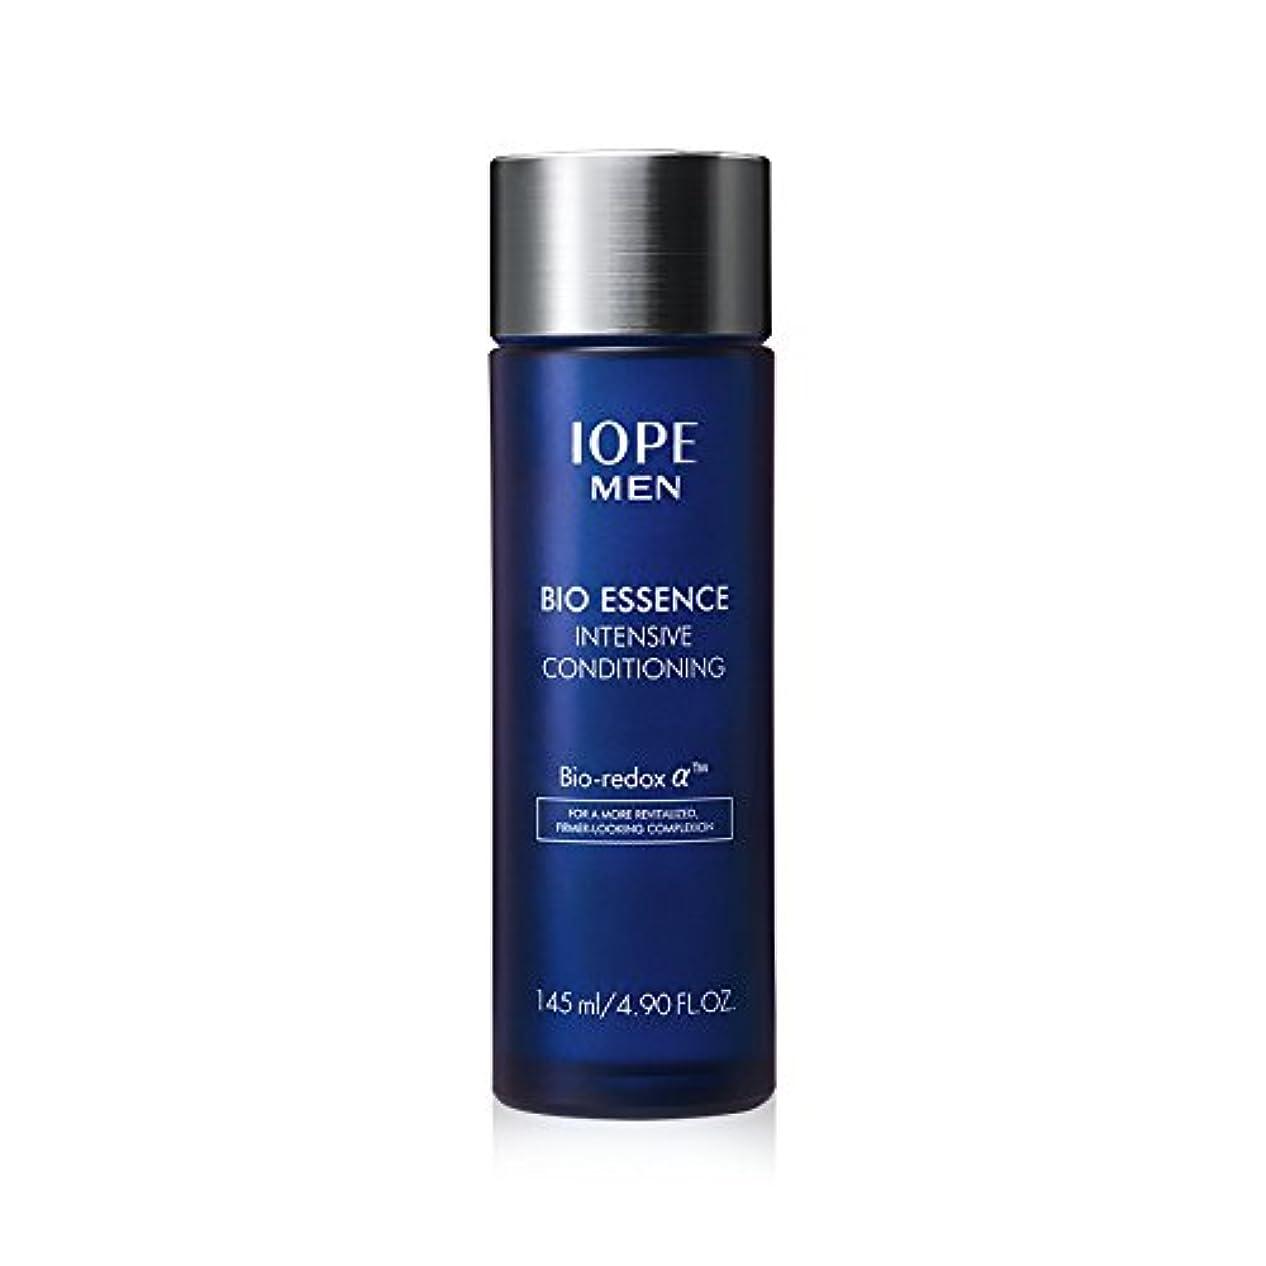 第二大聖堂赤道IOPE Men Bio Essence Intensive Conditioning 145ml/アイオペ メン バイオ エッセンス インテンシブ コンディショニング 145ml [並行輸入品]